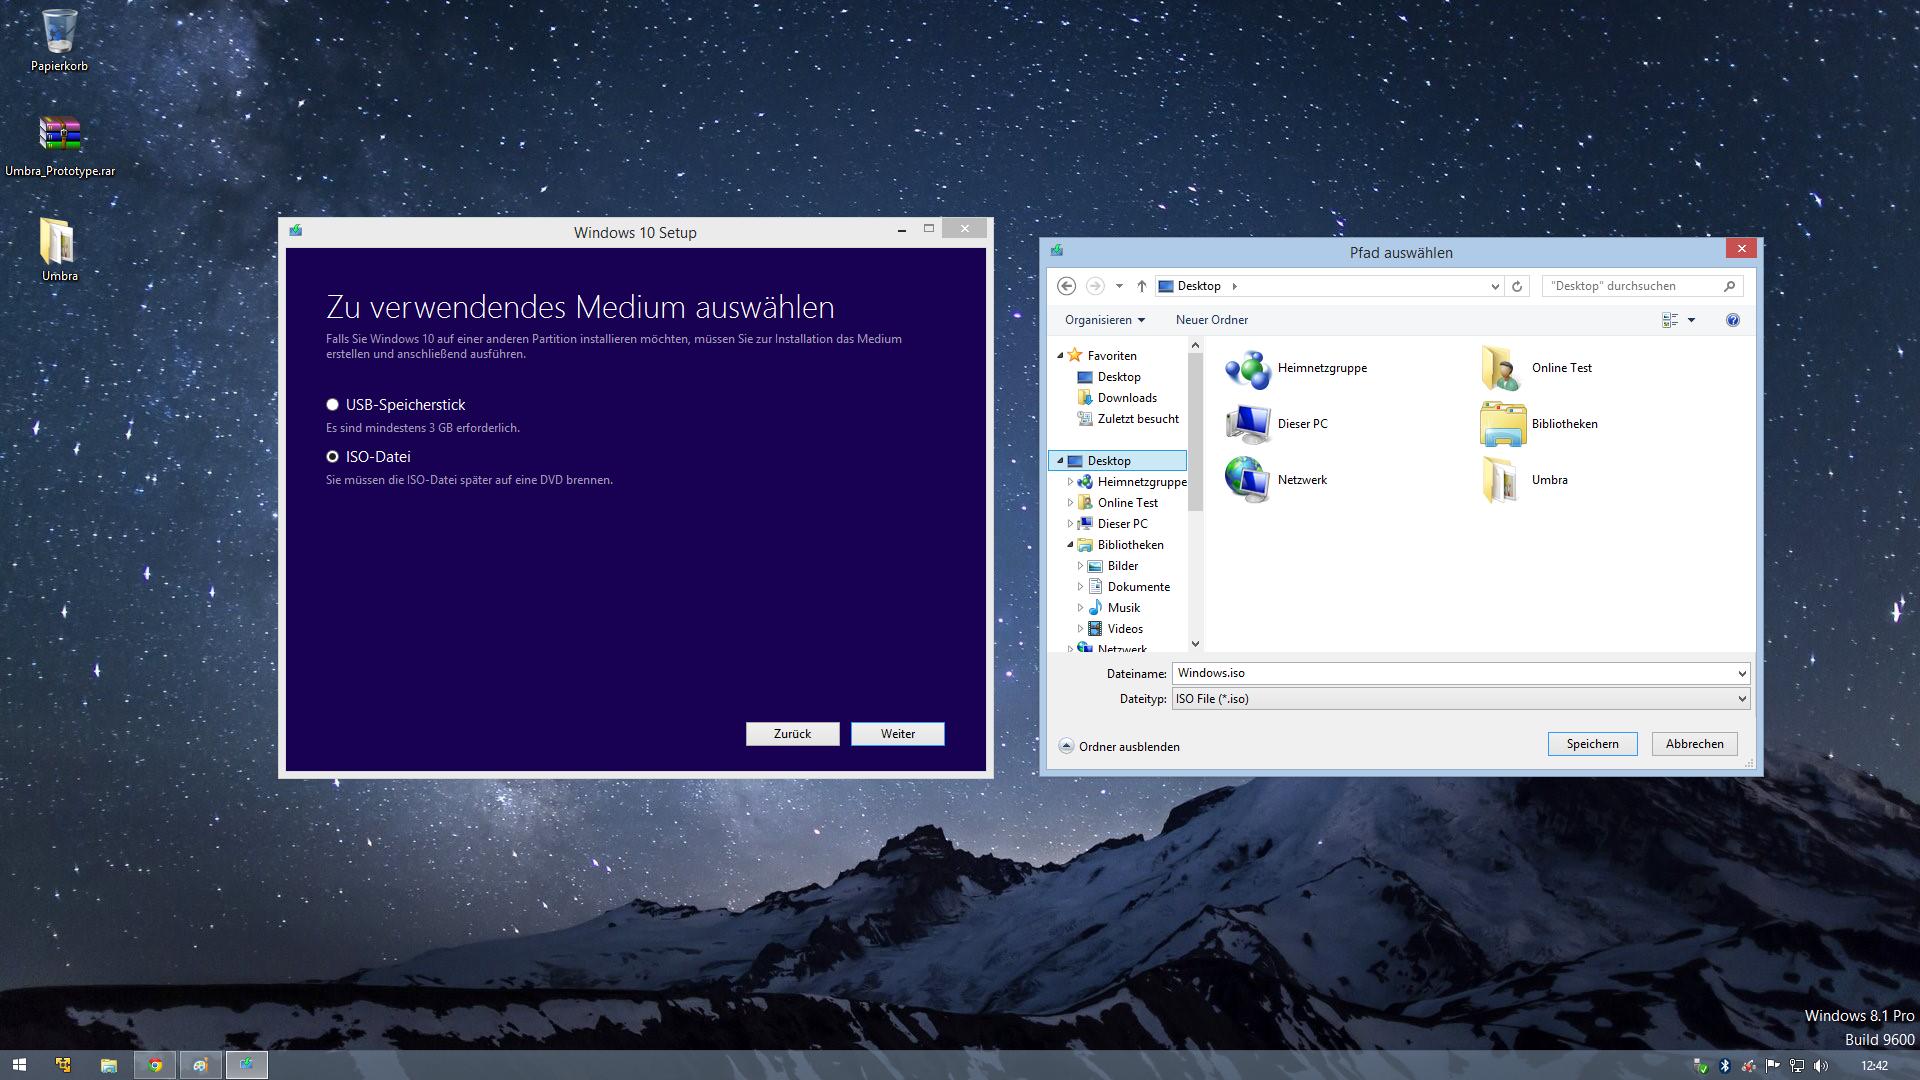 weiteren user anlegen windows 10